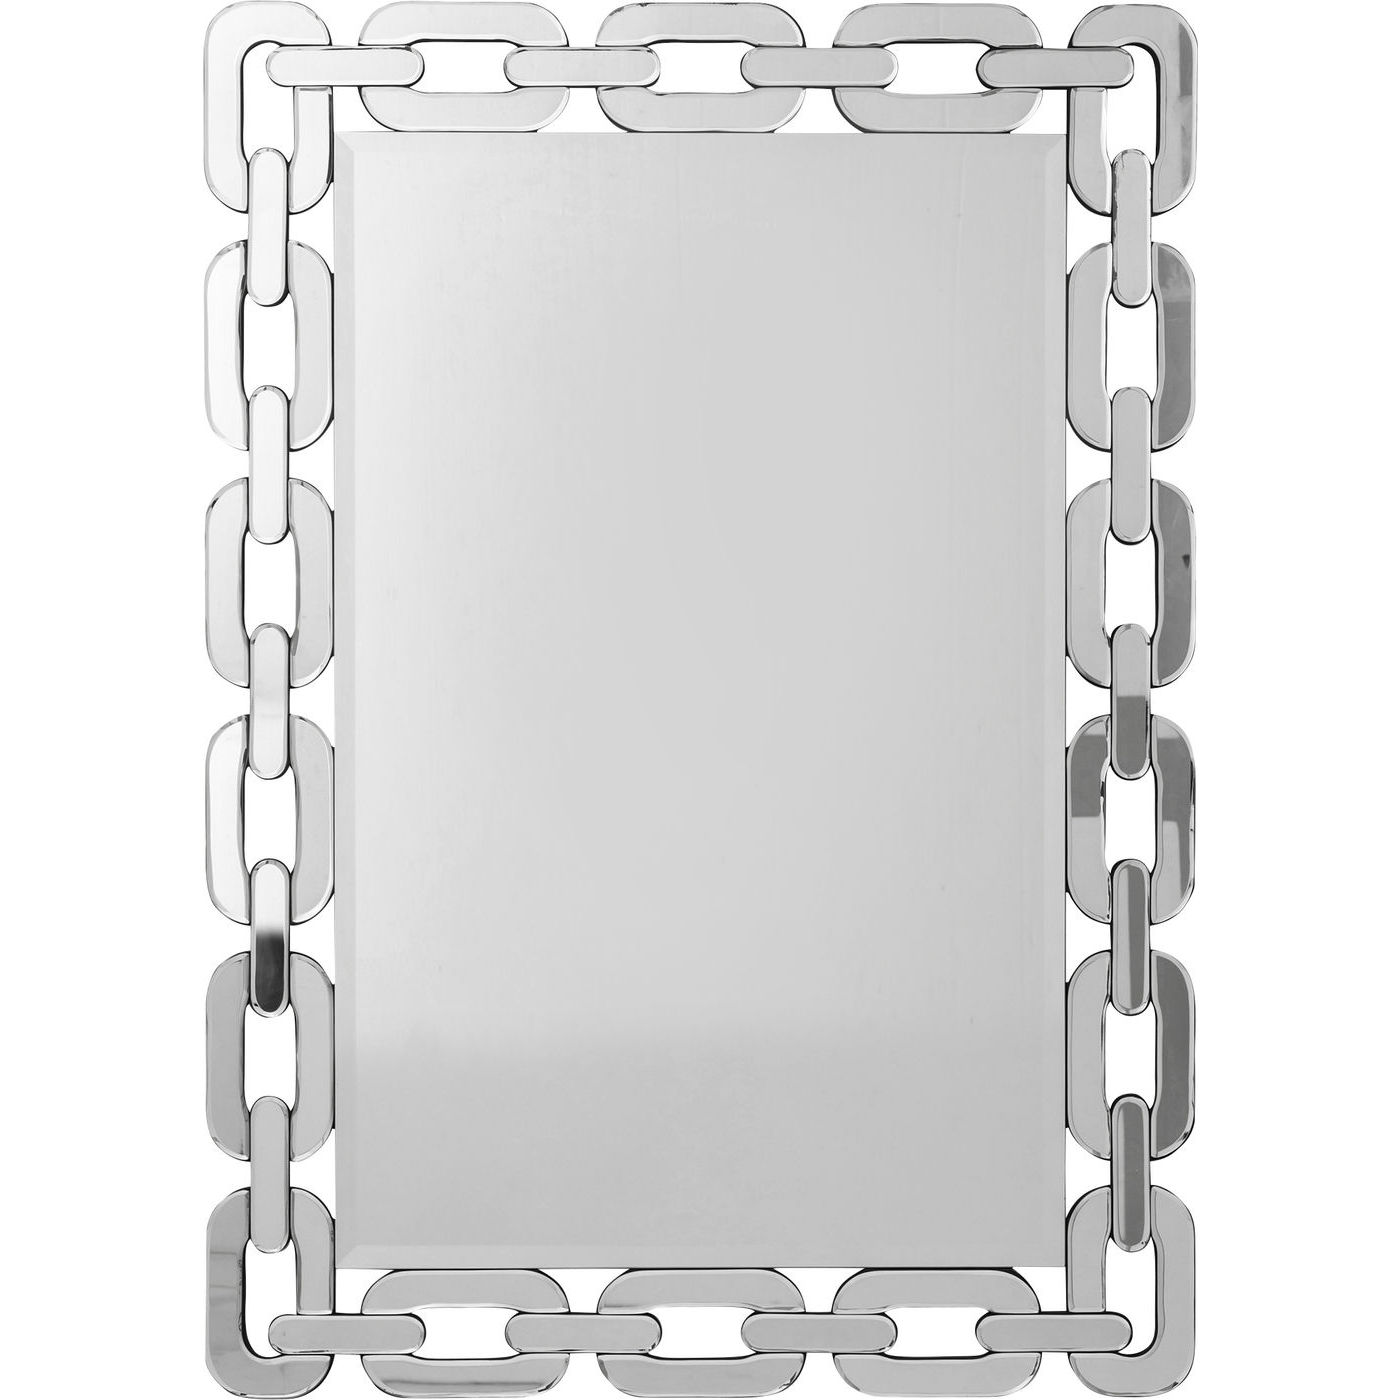 Billede af Kare Design Spejl, Chain 109x78cm